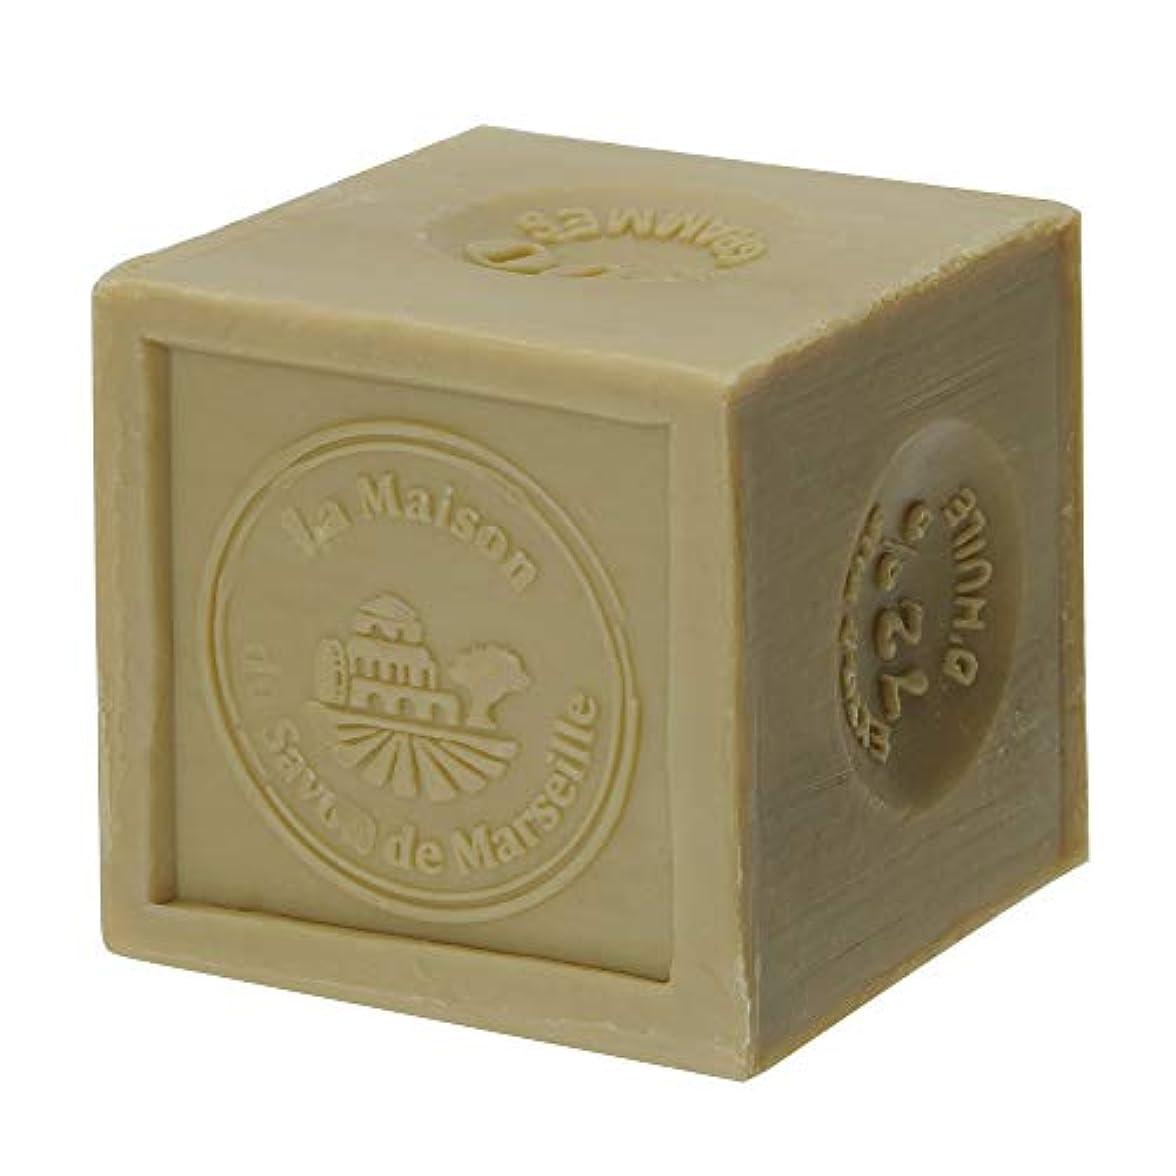 指紋科学意味のあるノルコーポレーション マルセイユ石鹸 オリーブ UPSM認証マーク付き 300g MLL-3-1